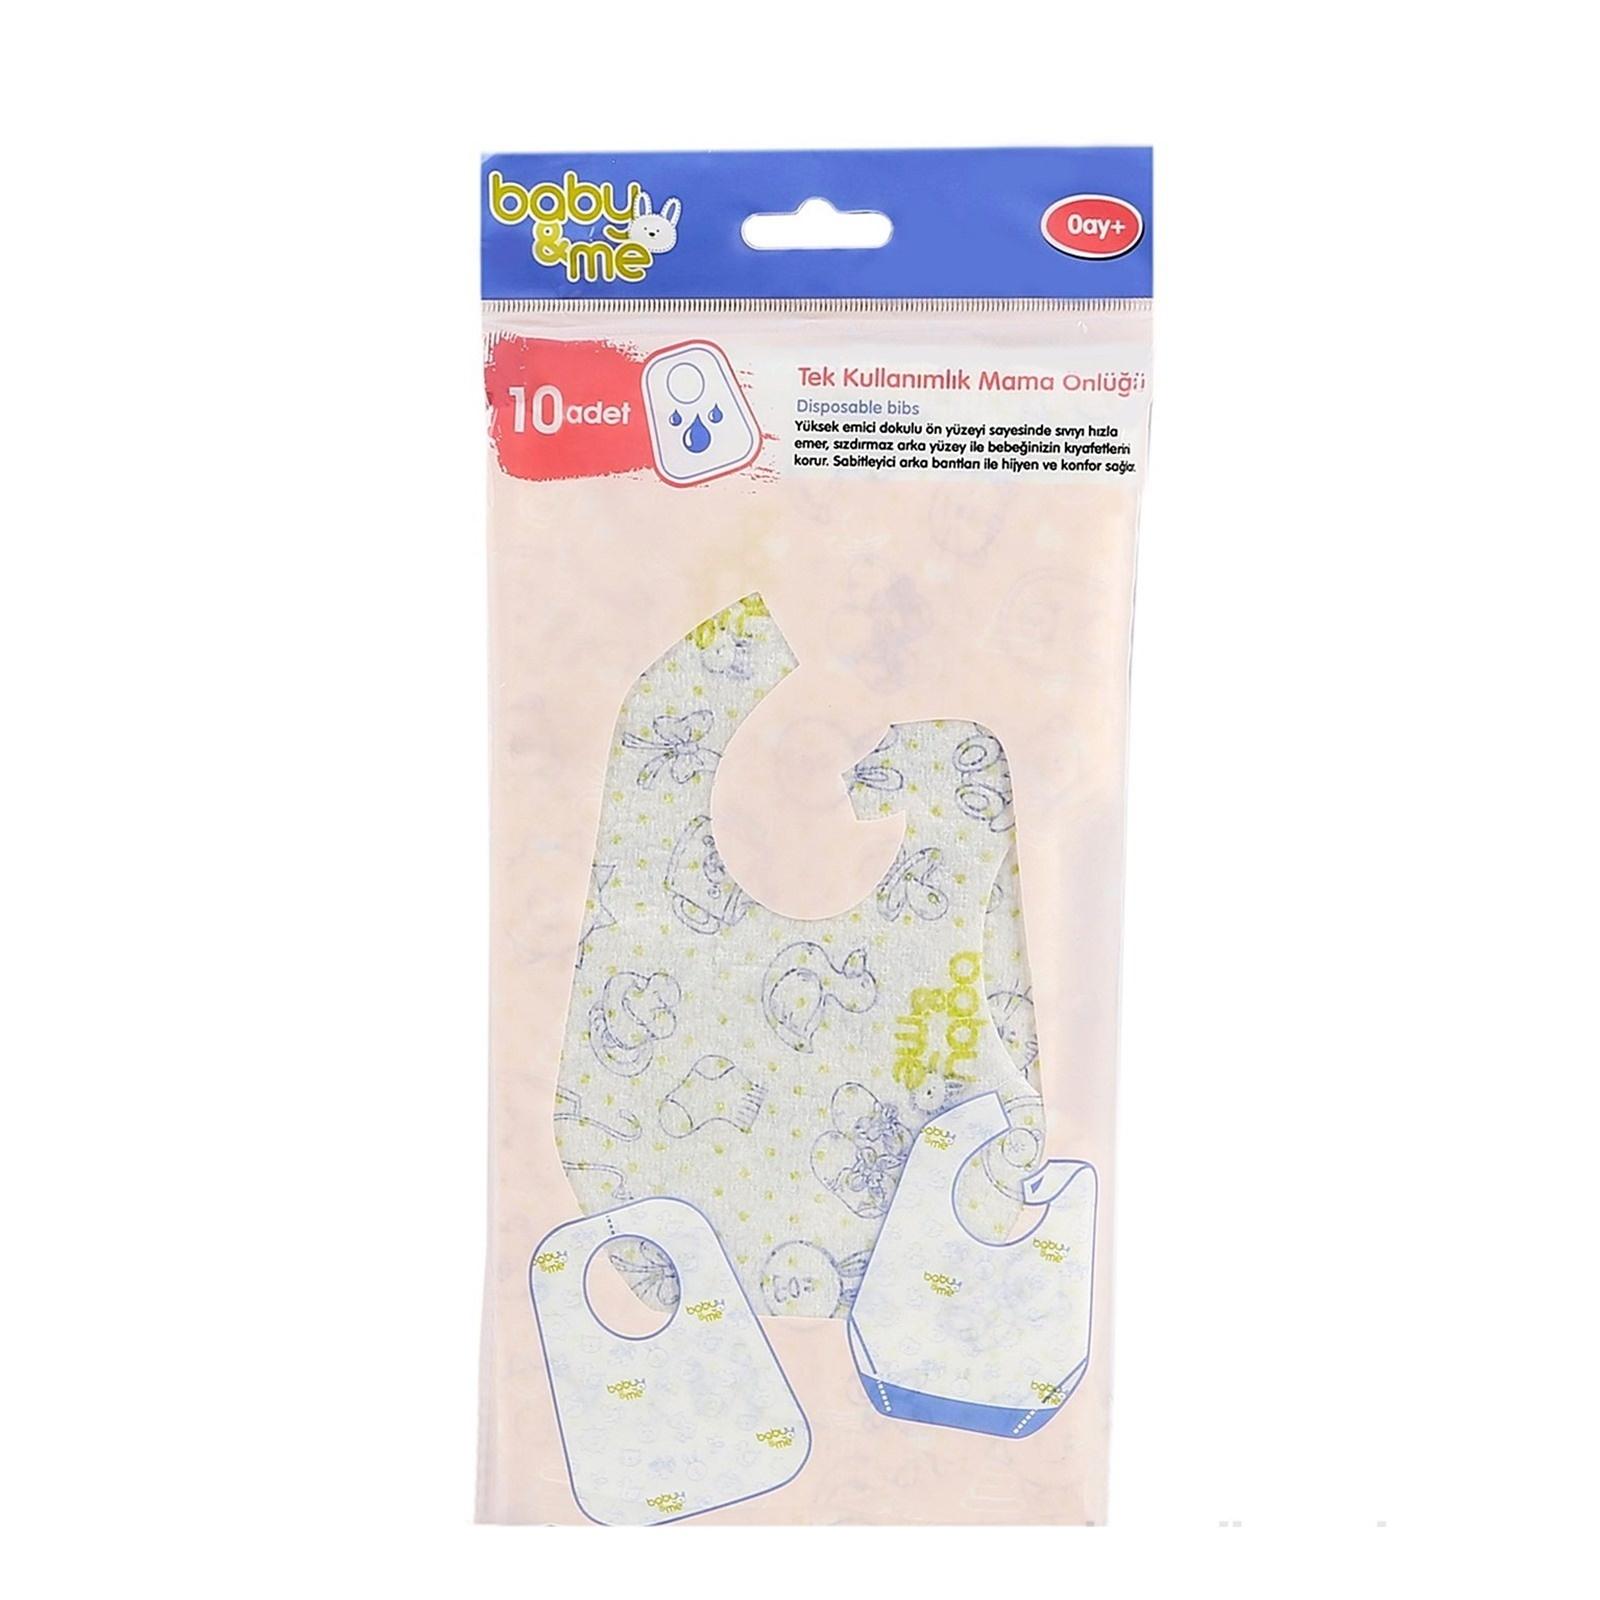 Bebek önlüğü Kollu Ve Silikon Mama önlükleri Ebebek